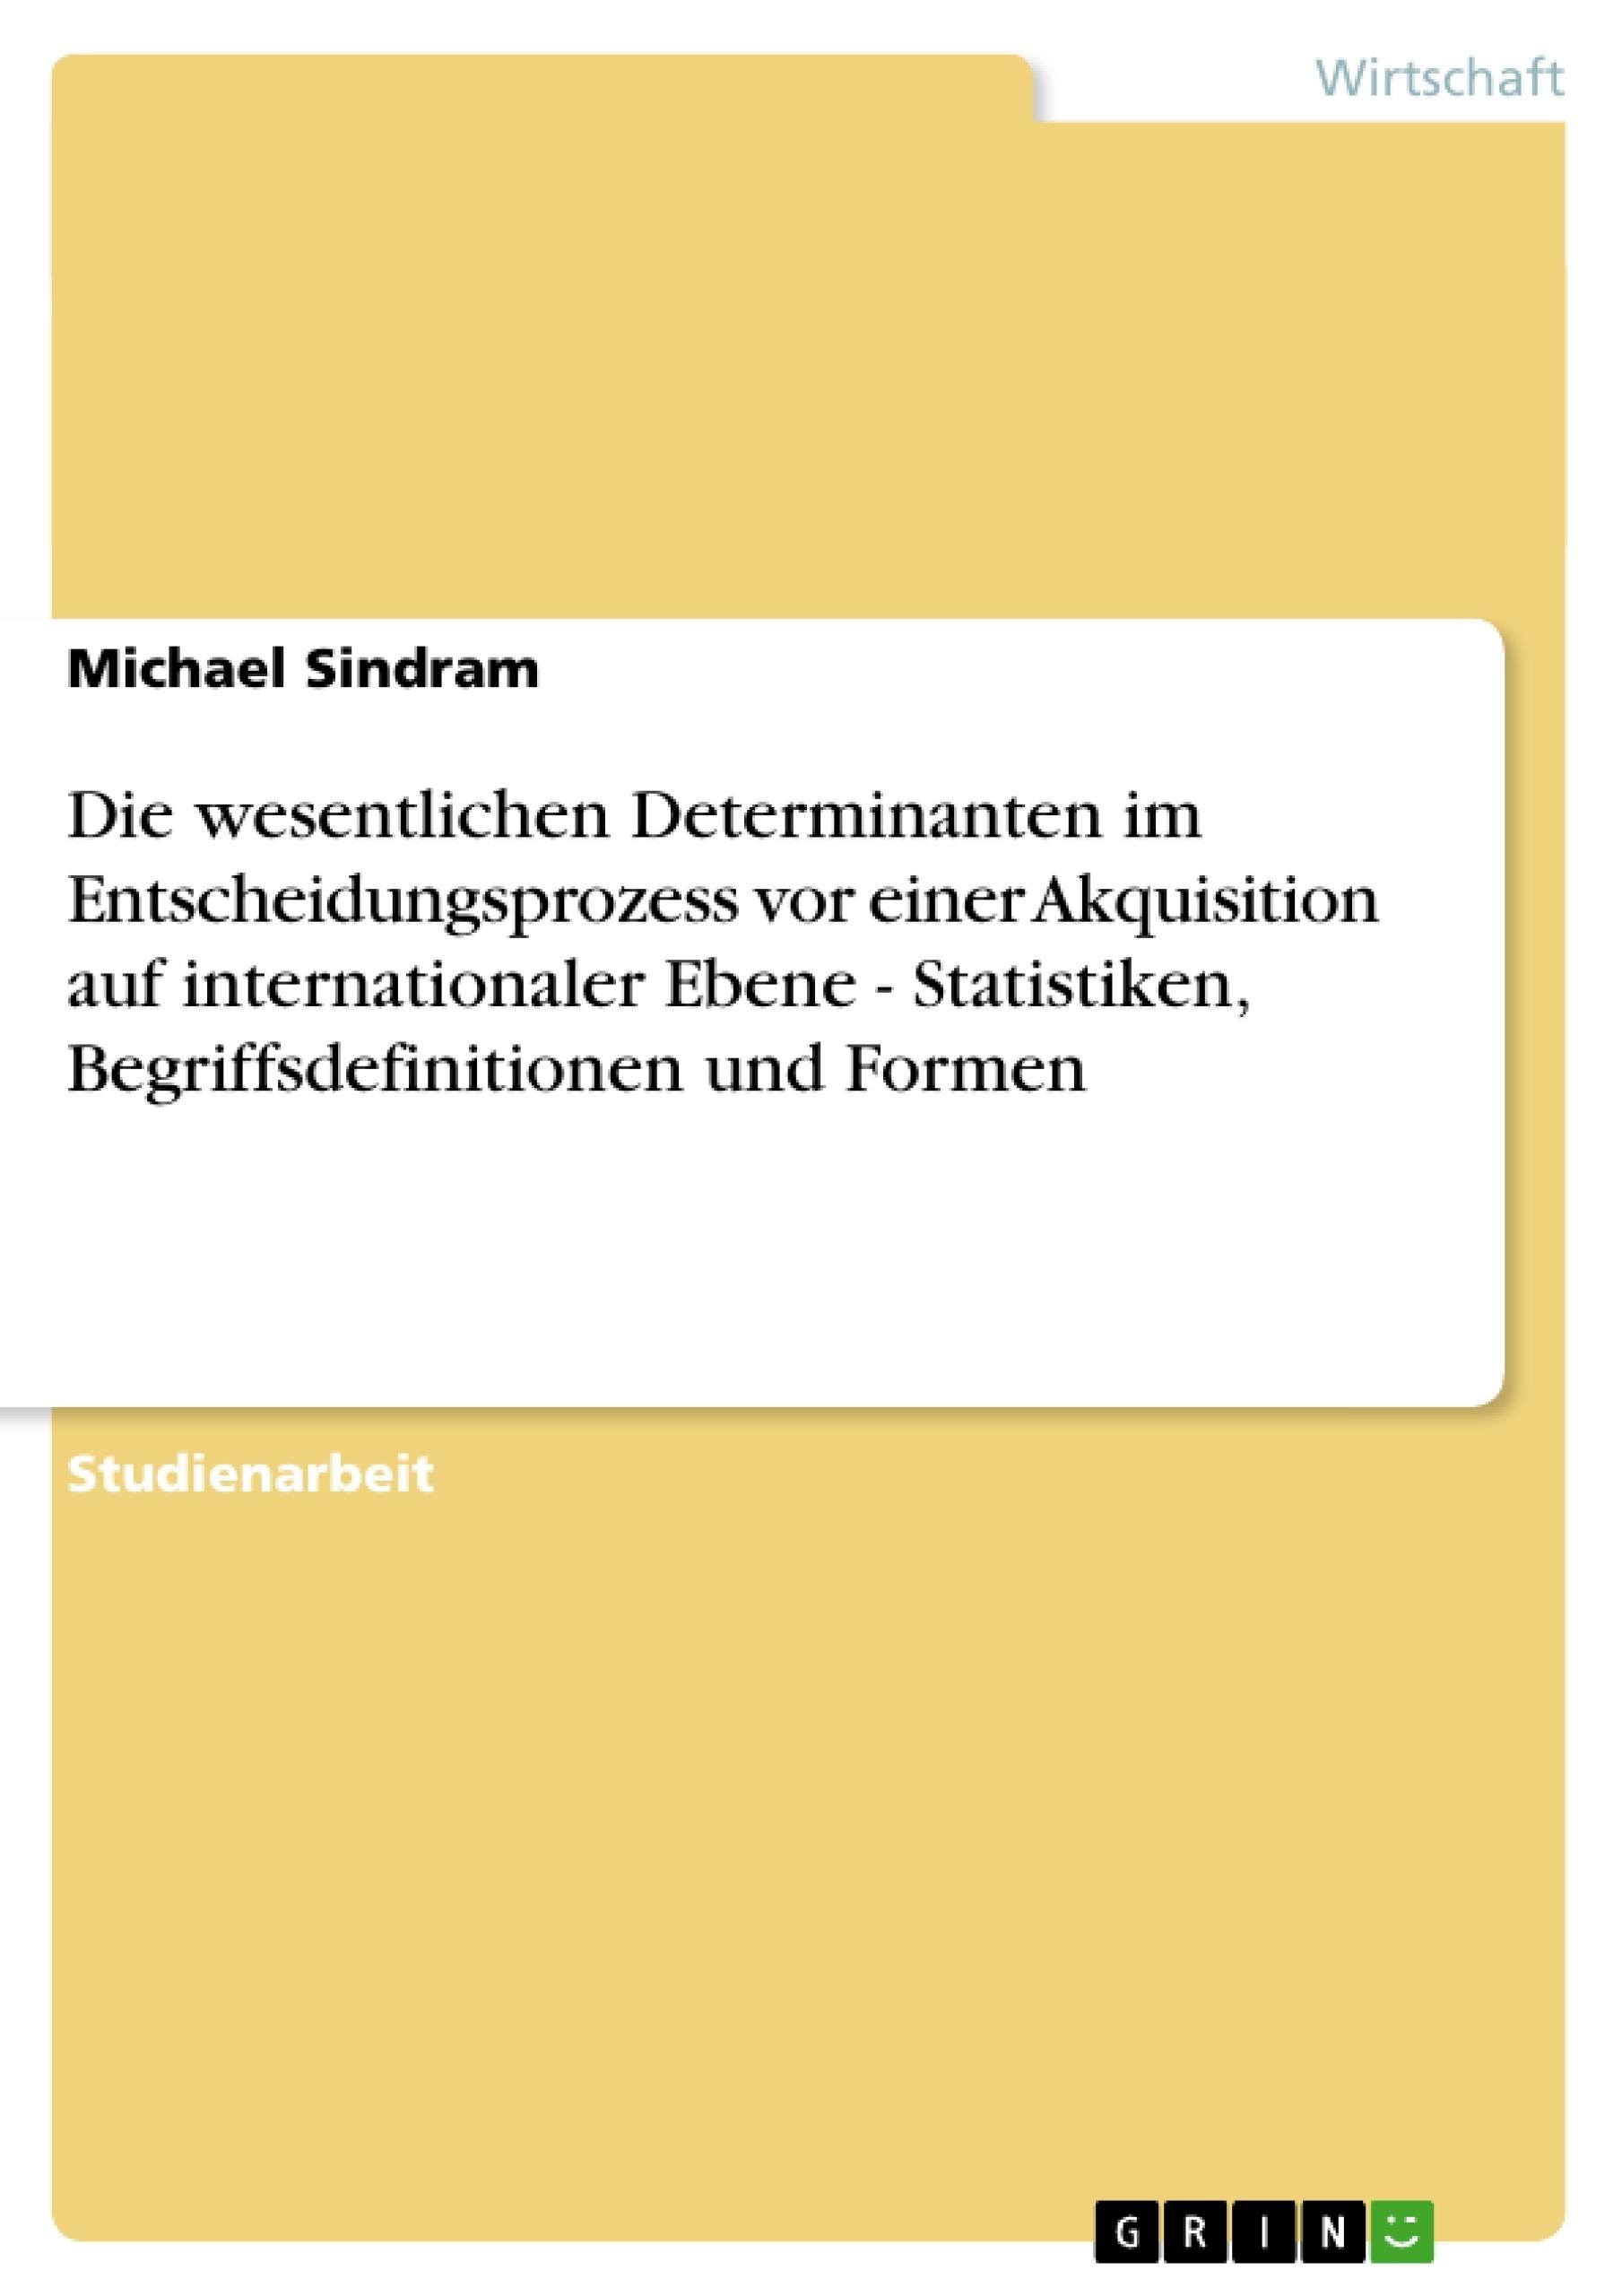 Titel: Die wesentlichen Determinanten im Entscheidungsprozess vor einer Akquisition auf internationaler Ebene - Statistiken, Begriffsdefinitionen und Formen